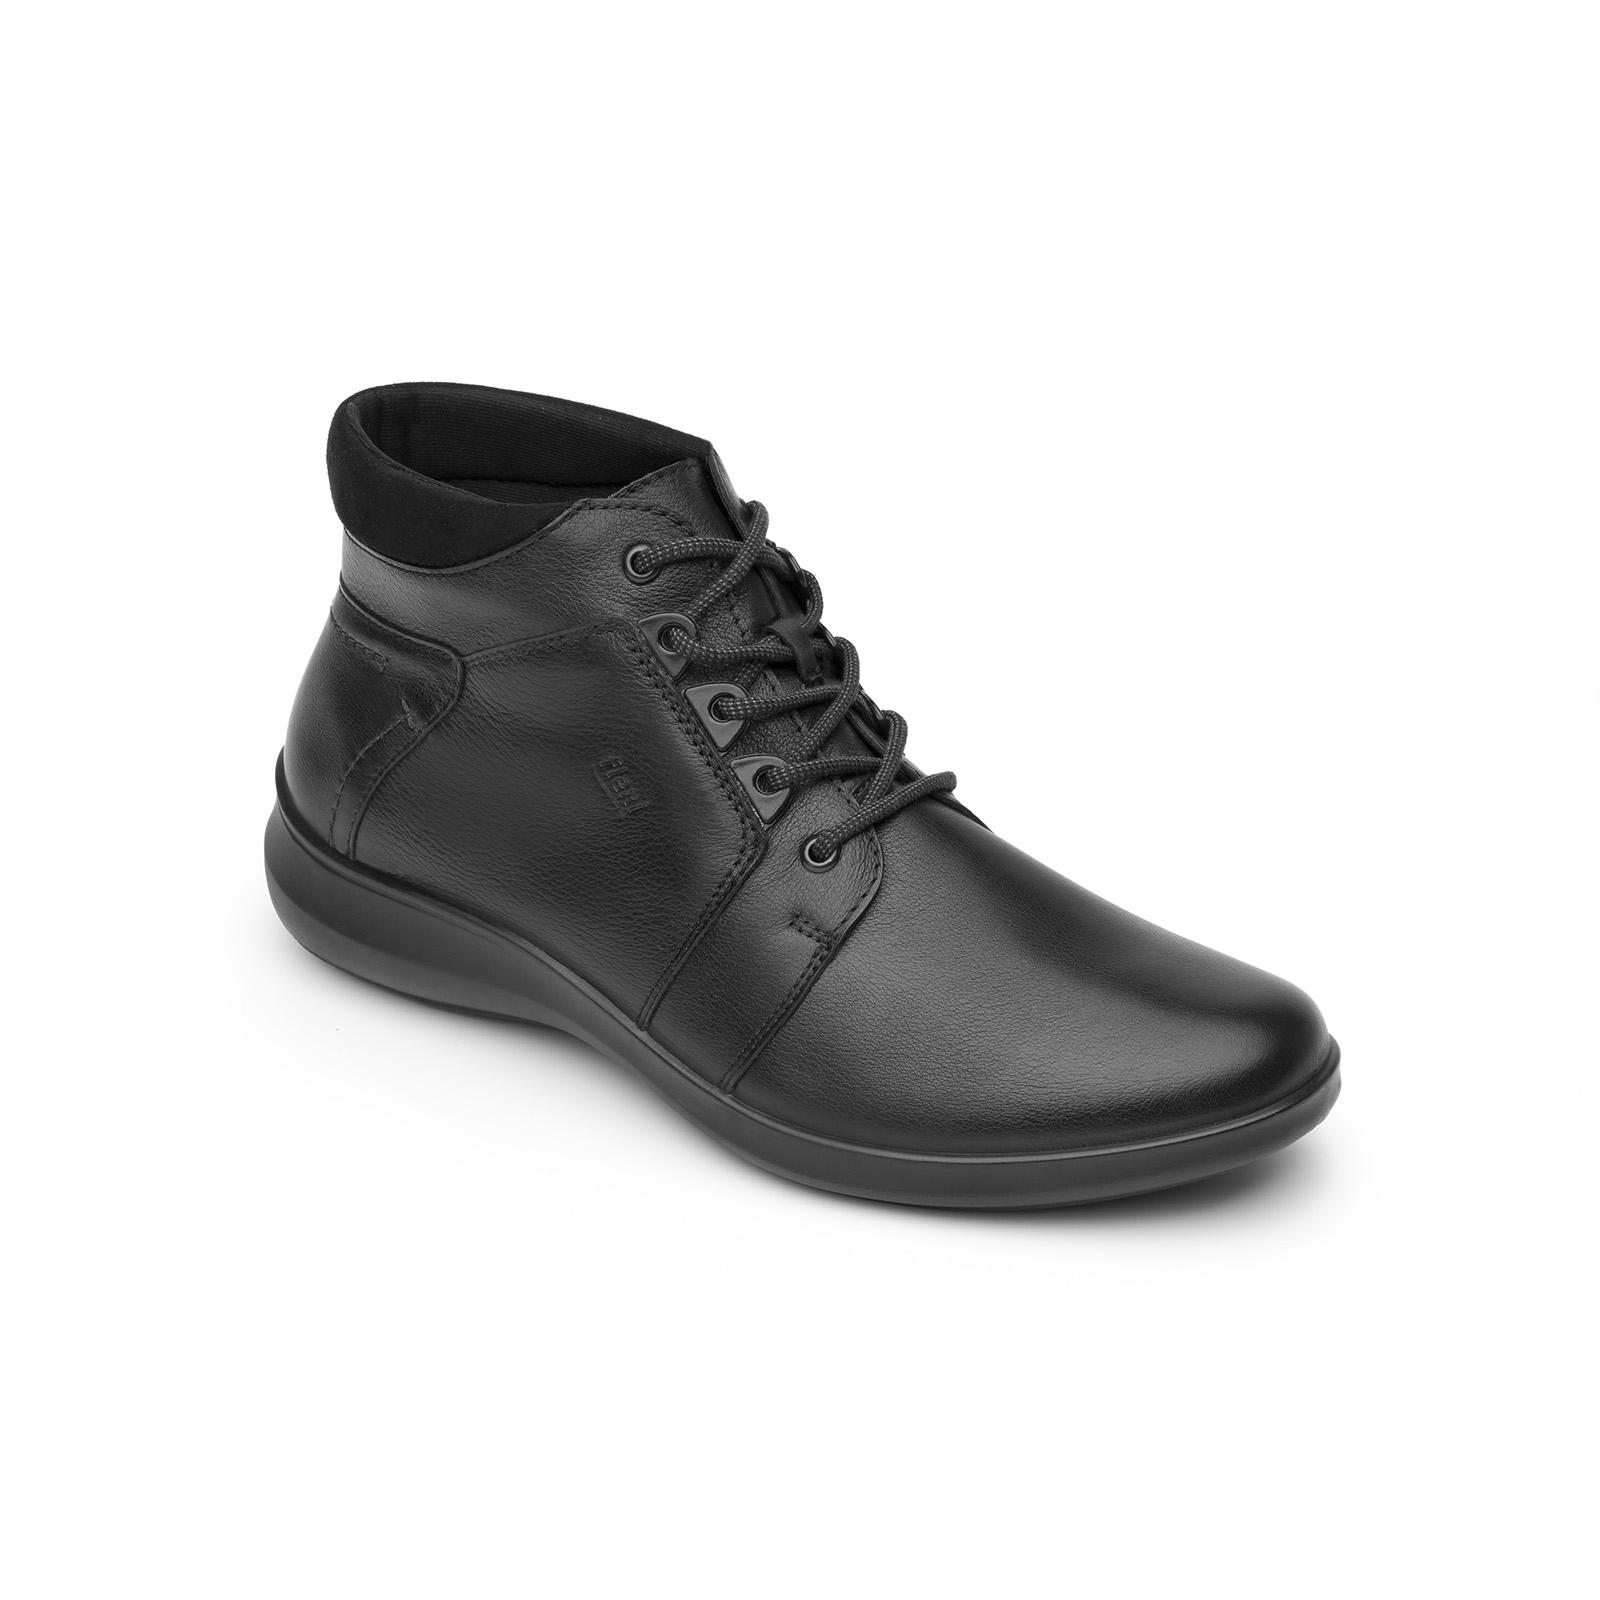 a8fef200 Botas para Dama Flexi al mejor precio - Zapatos Flexi México